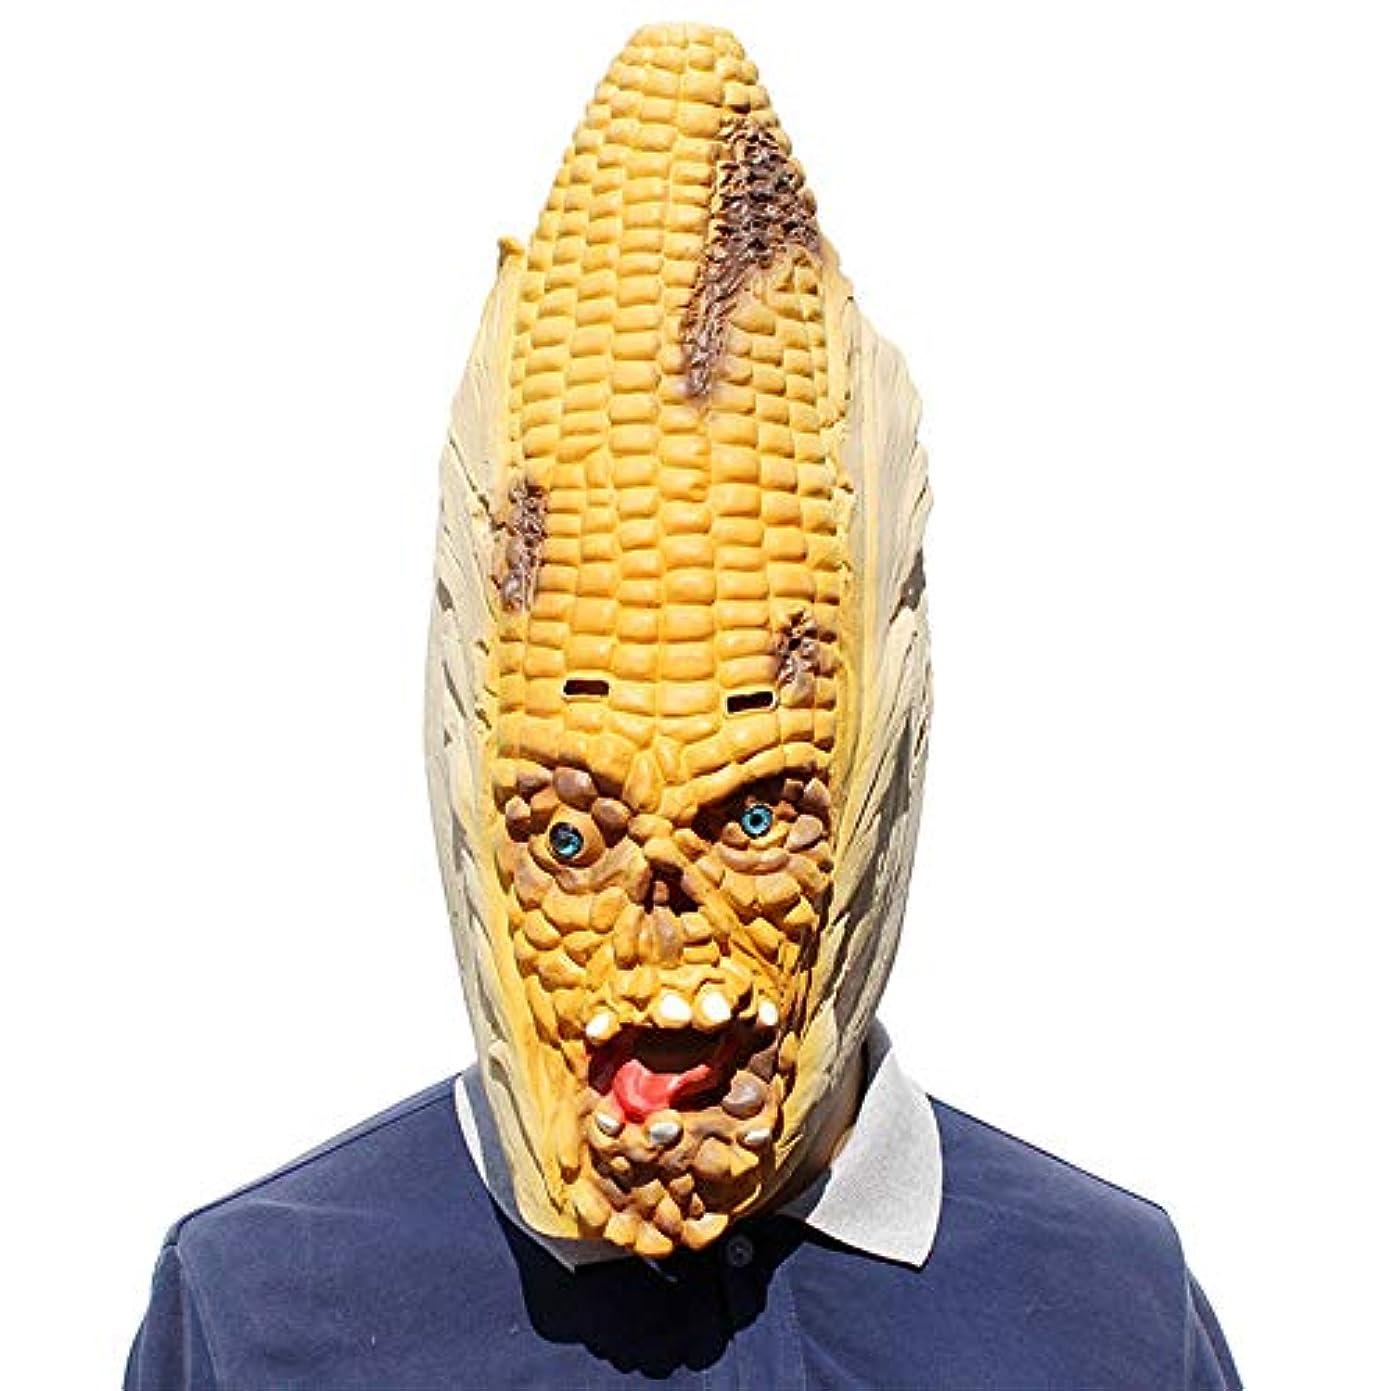 一目遺伝子話をするヘッドギアハロウィンバーパーティーショーコーンラテックスマスクパーティースプーフィング誕生日31x28x39cm